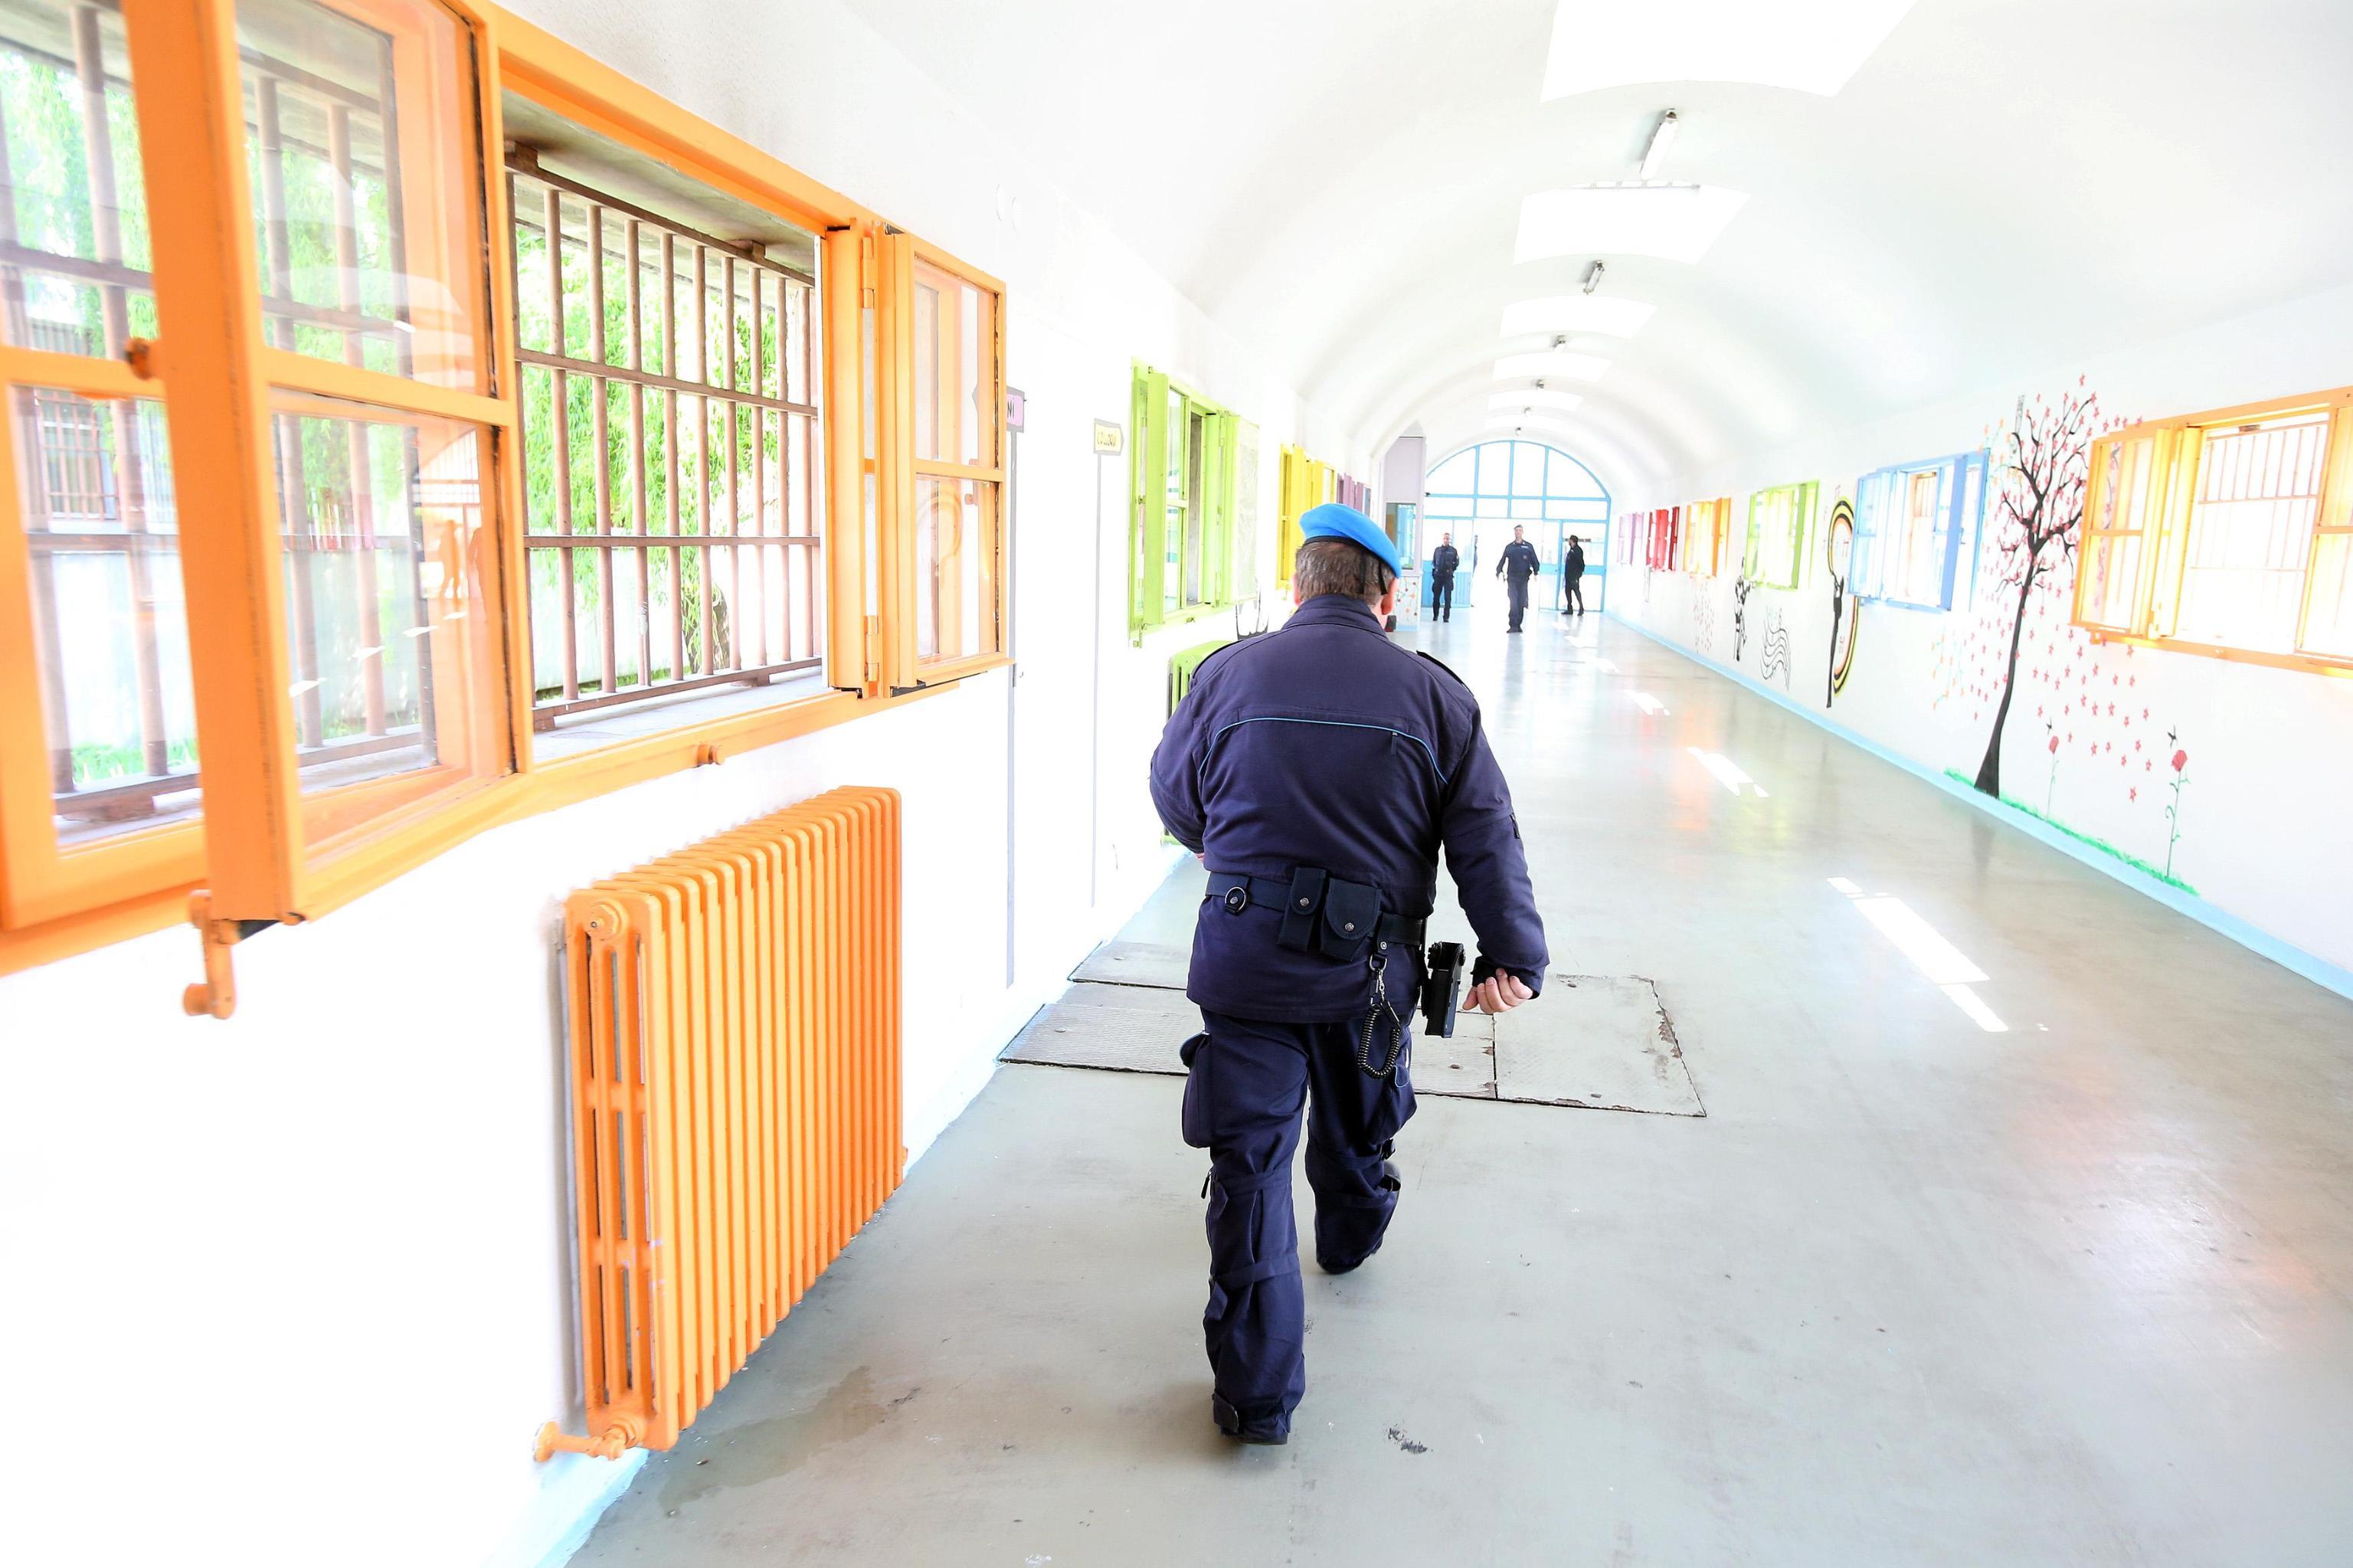 Suicidi in carcere, italiano si impicca nella prigione di Pfäffikon in Svizzera